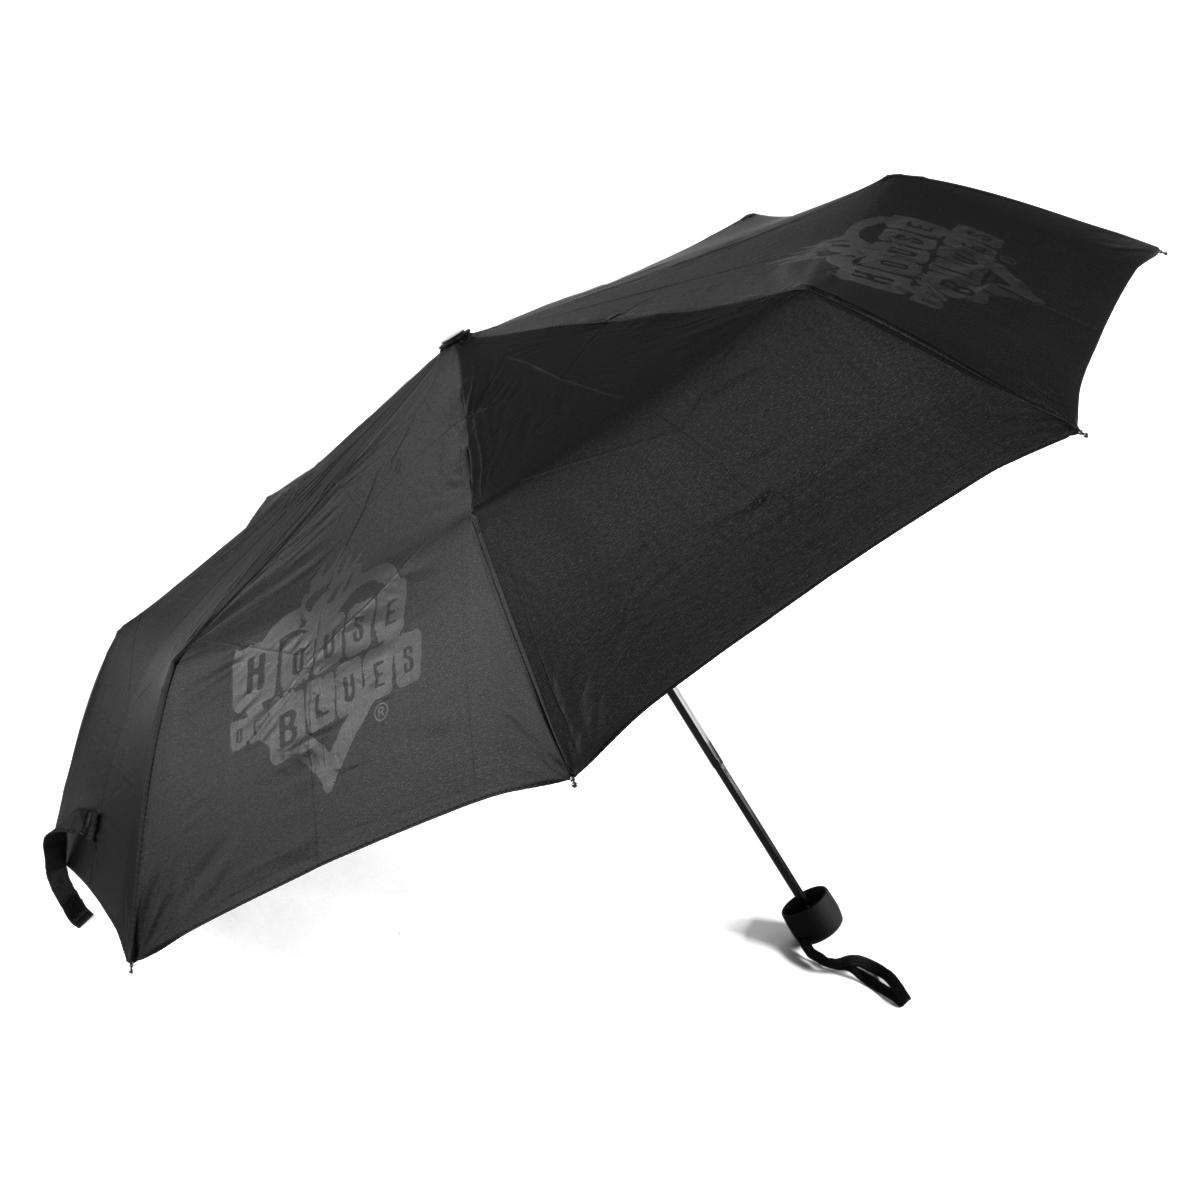 HOB Umbrella